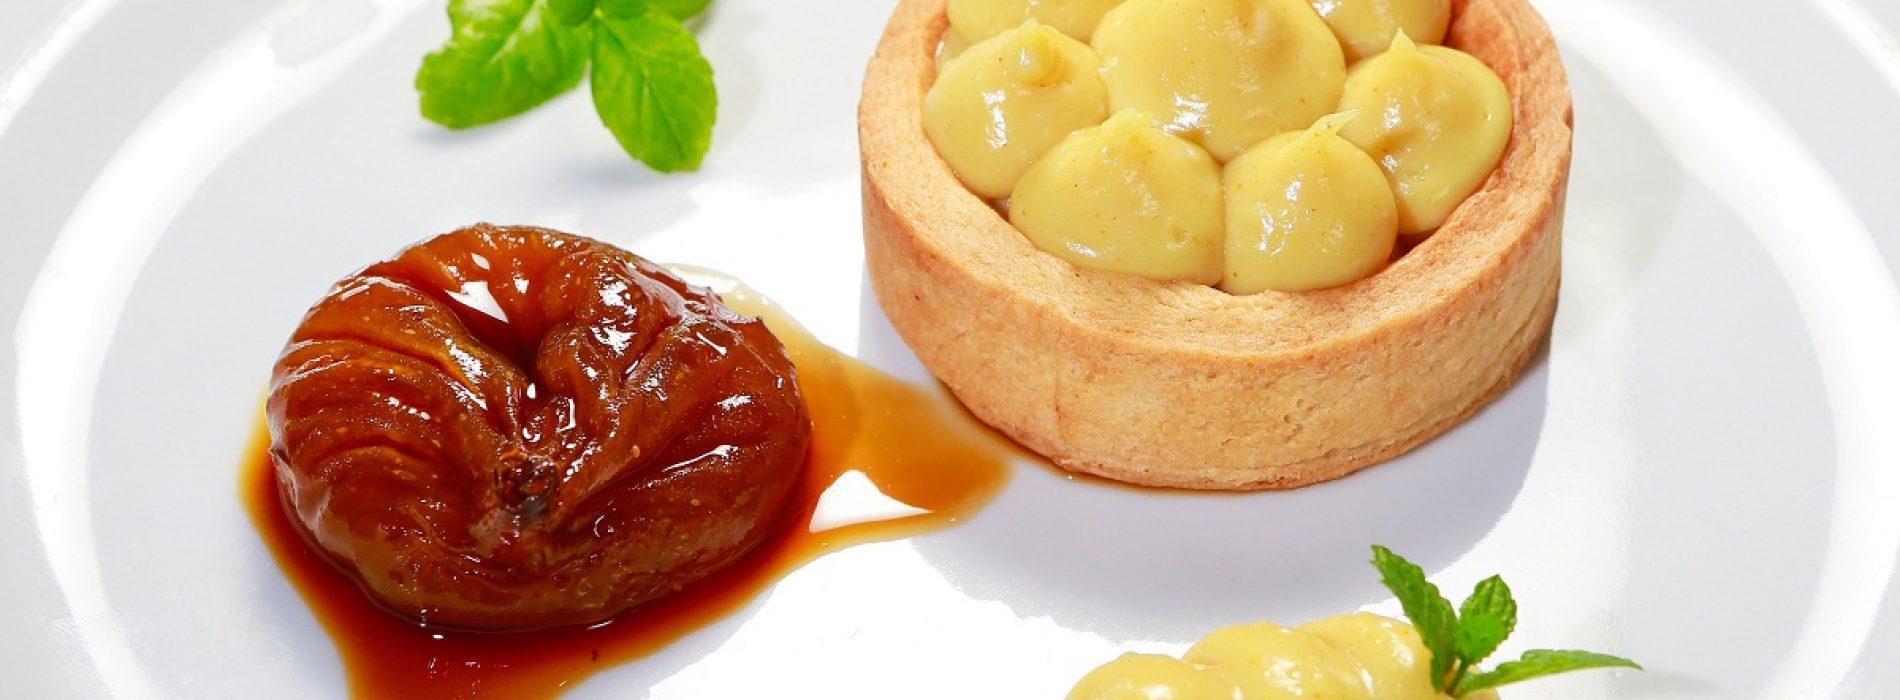 Filodolio Roma, il primo ristorante dedicato alla cultura dell'olio Evo della Capitale